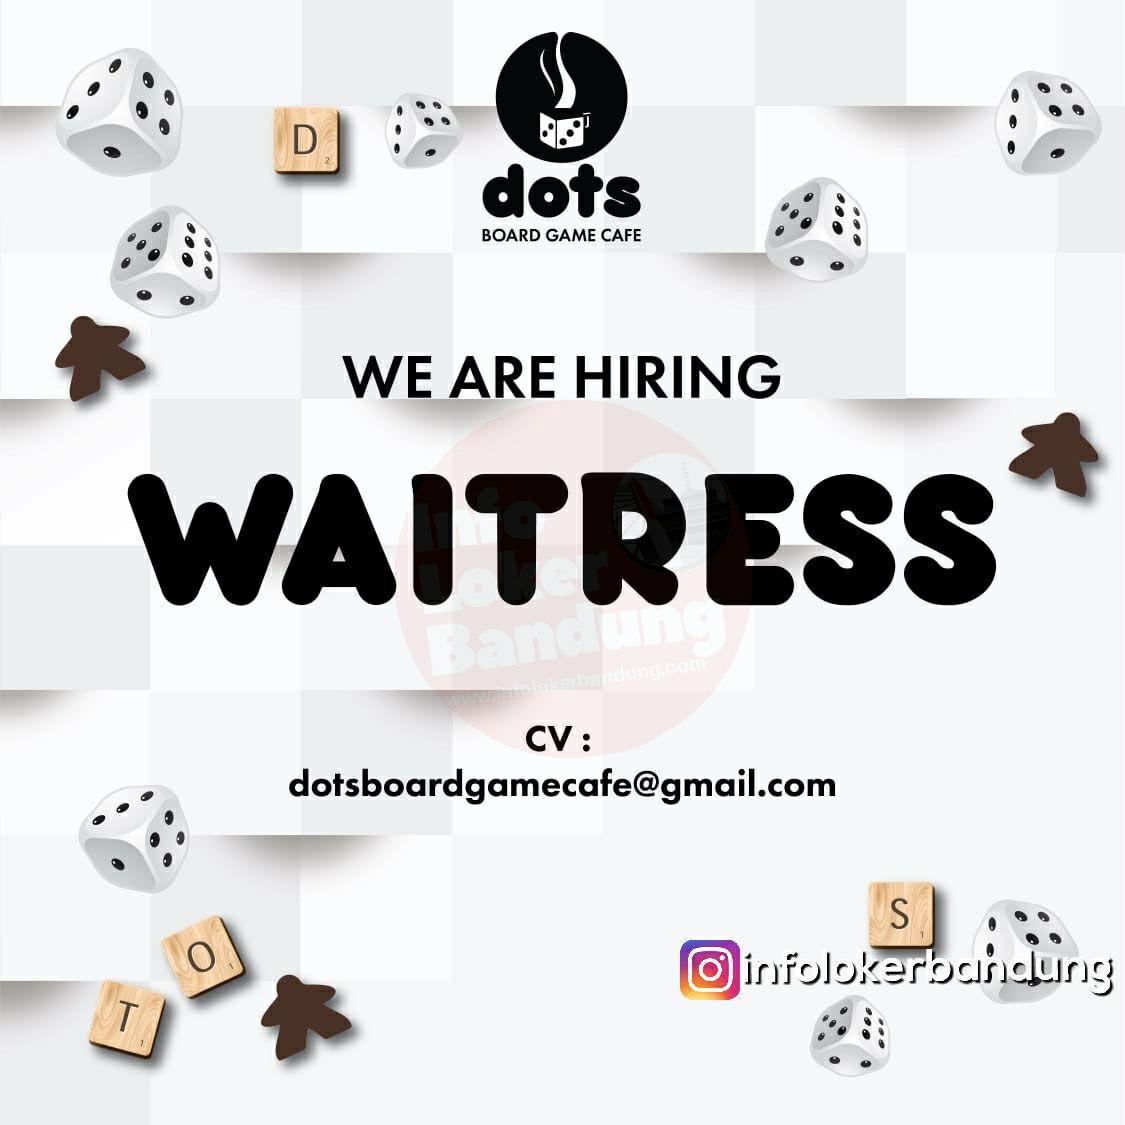 Lowongan Kerja Dots Board Game Cafe Bandung Maret 2019